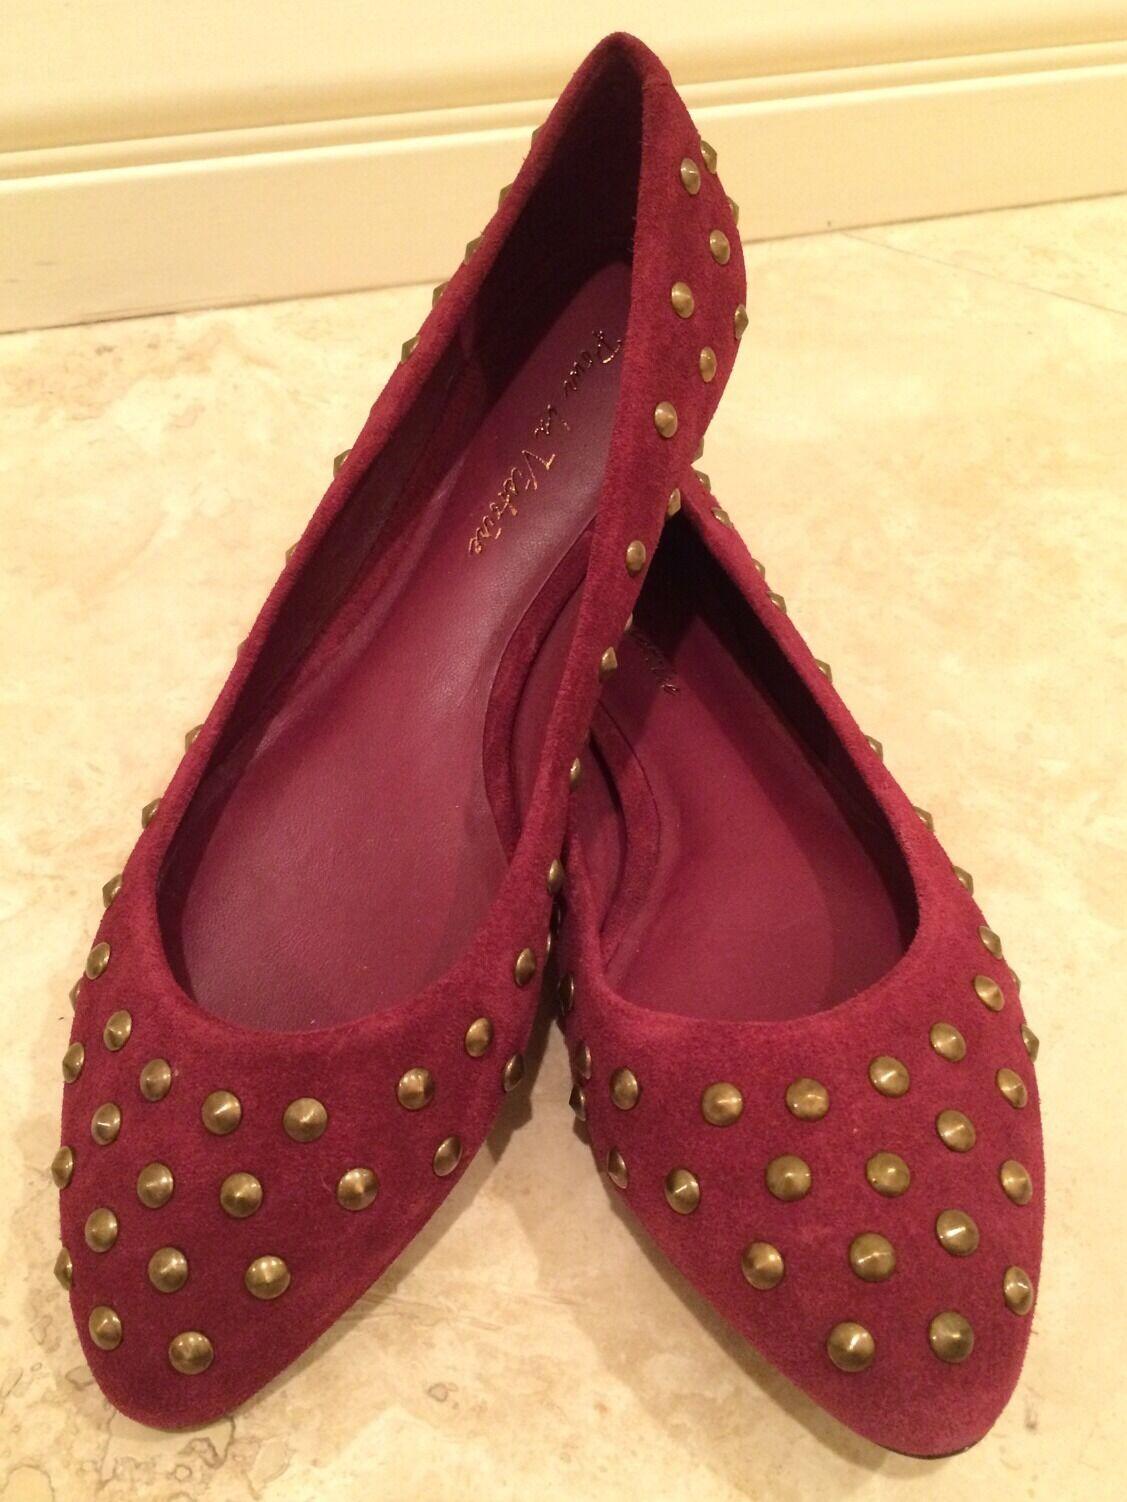 Pour La Victoire Burgundy Suede oro tachonado tachonado tachonado Ballet Flats Zapatos Talla 8m Nuevos  Italia  edición limitada